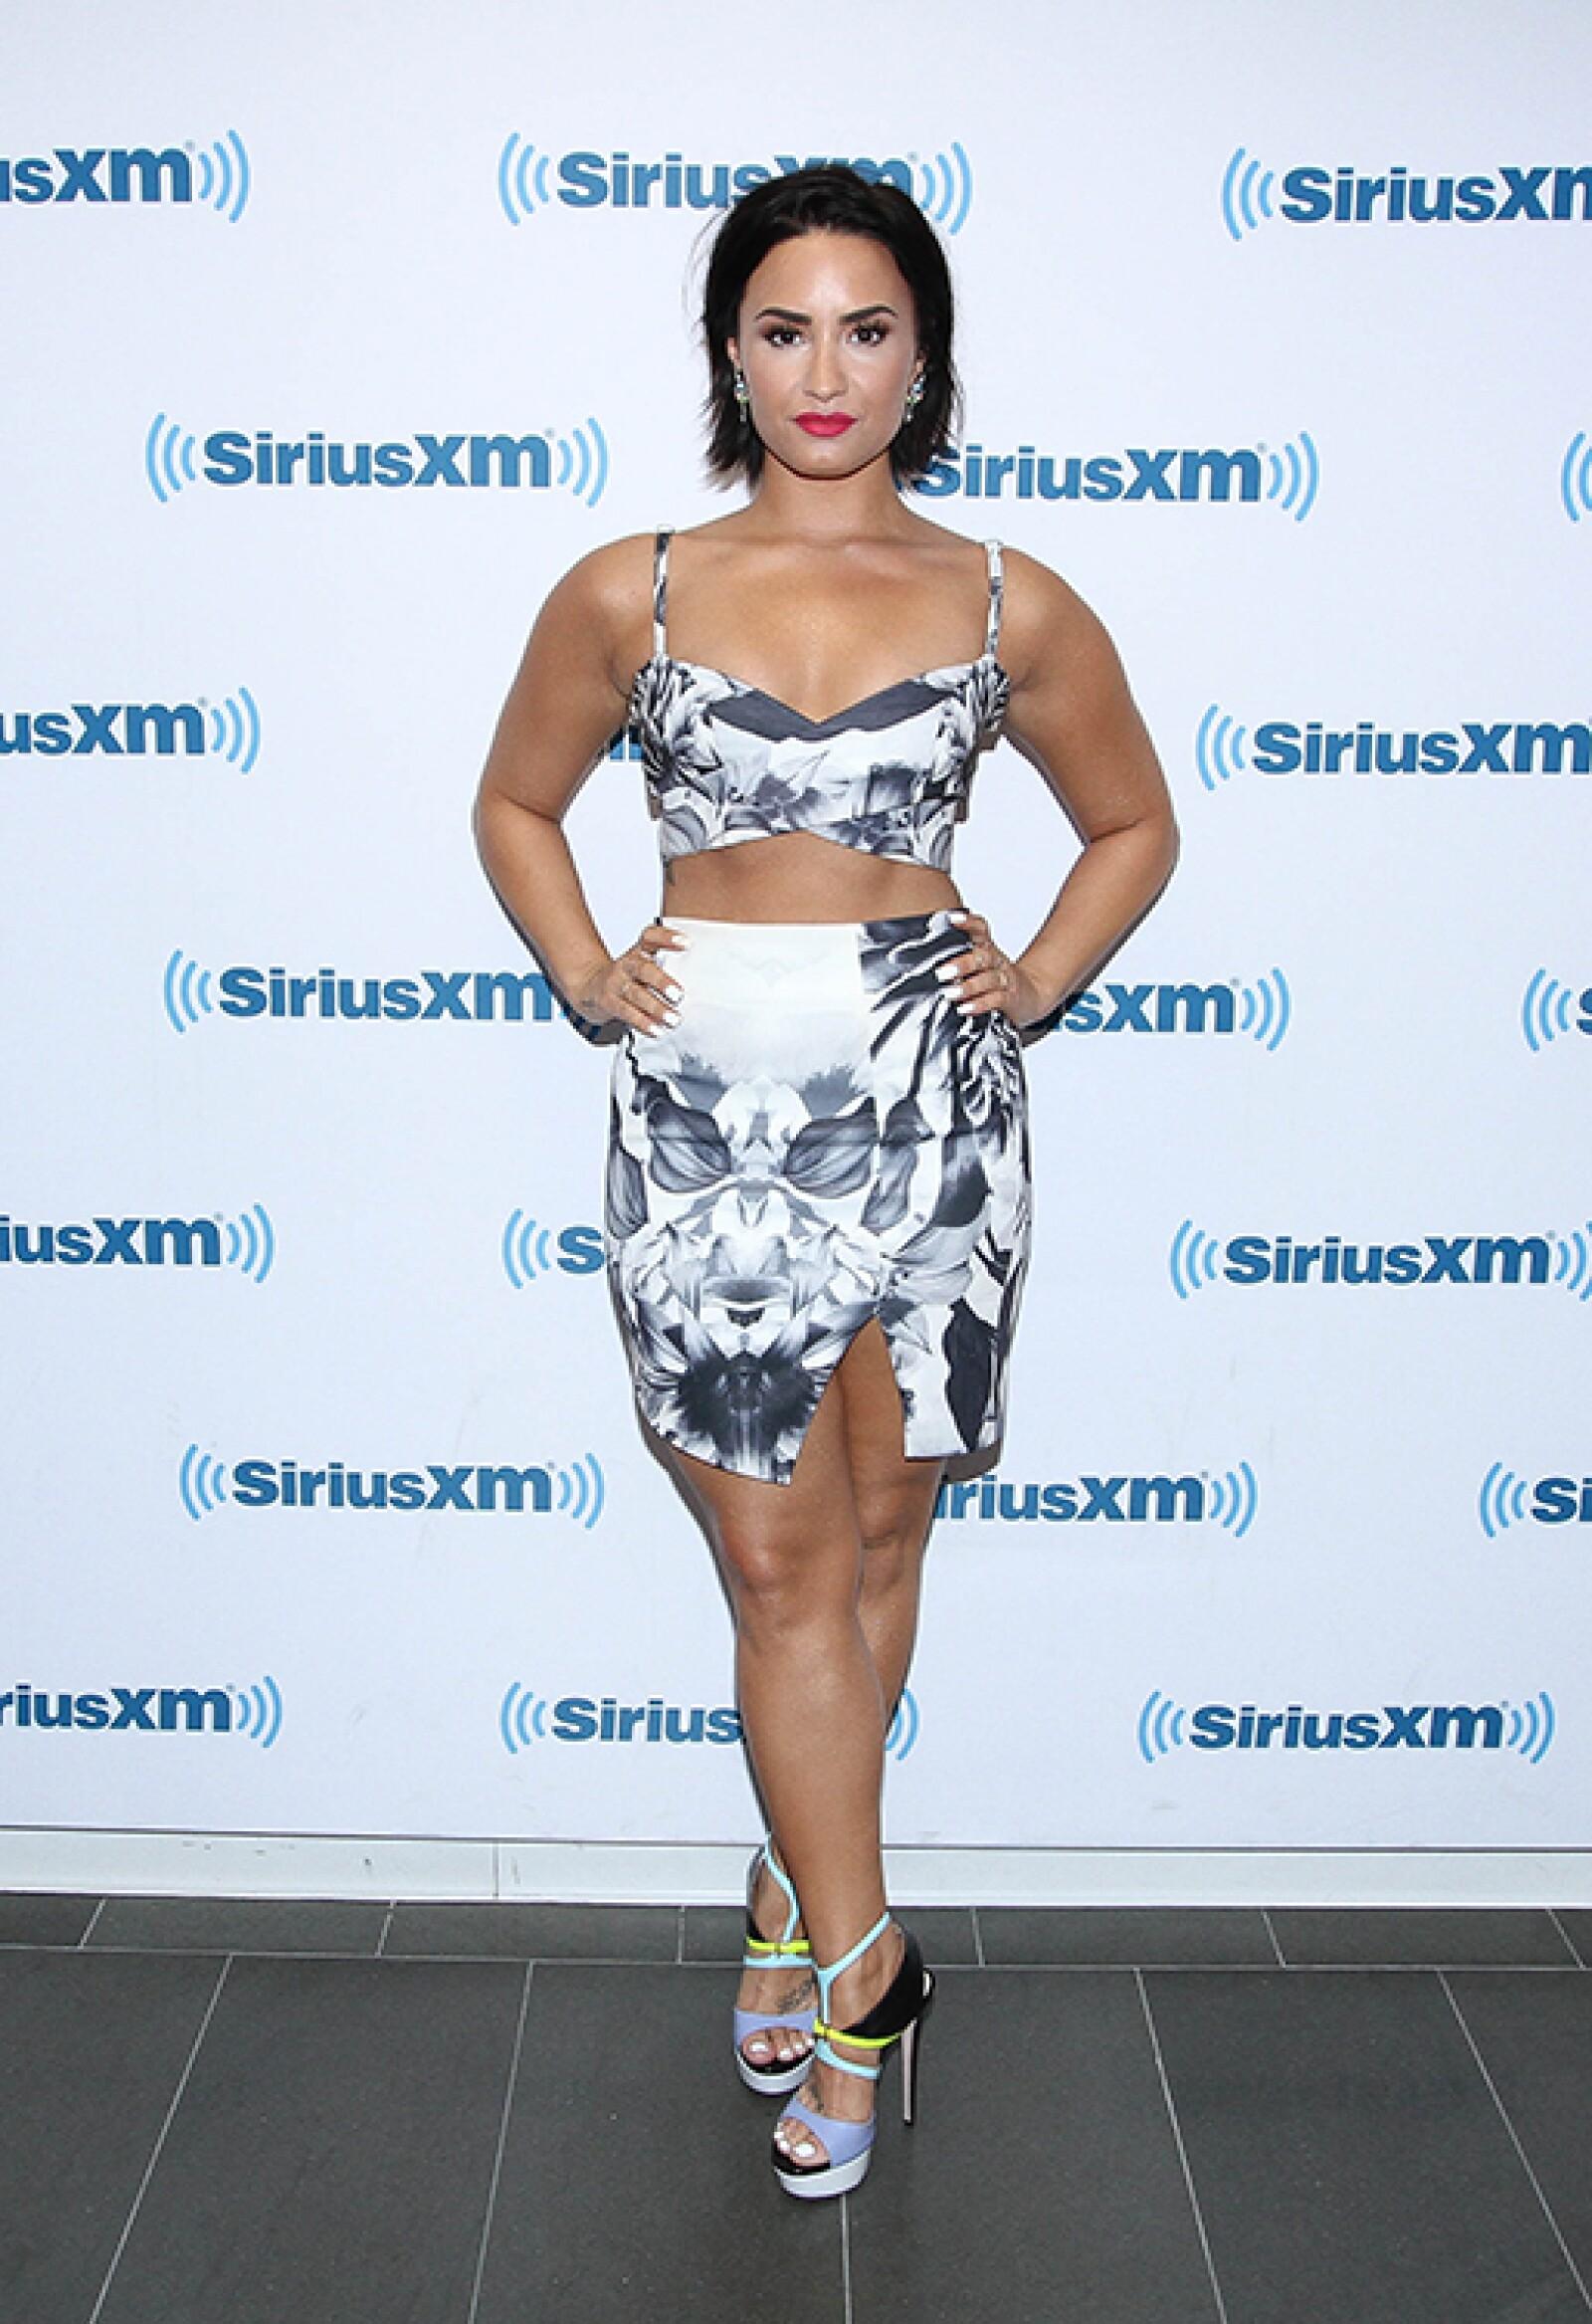 La cantante ha dedicado los últimos meses a ejercitar su cuerpo y ponerse en forma.